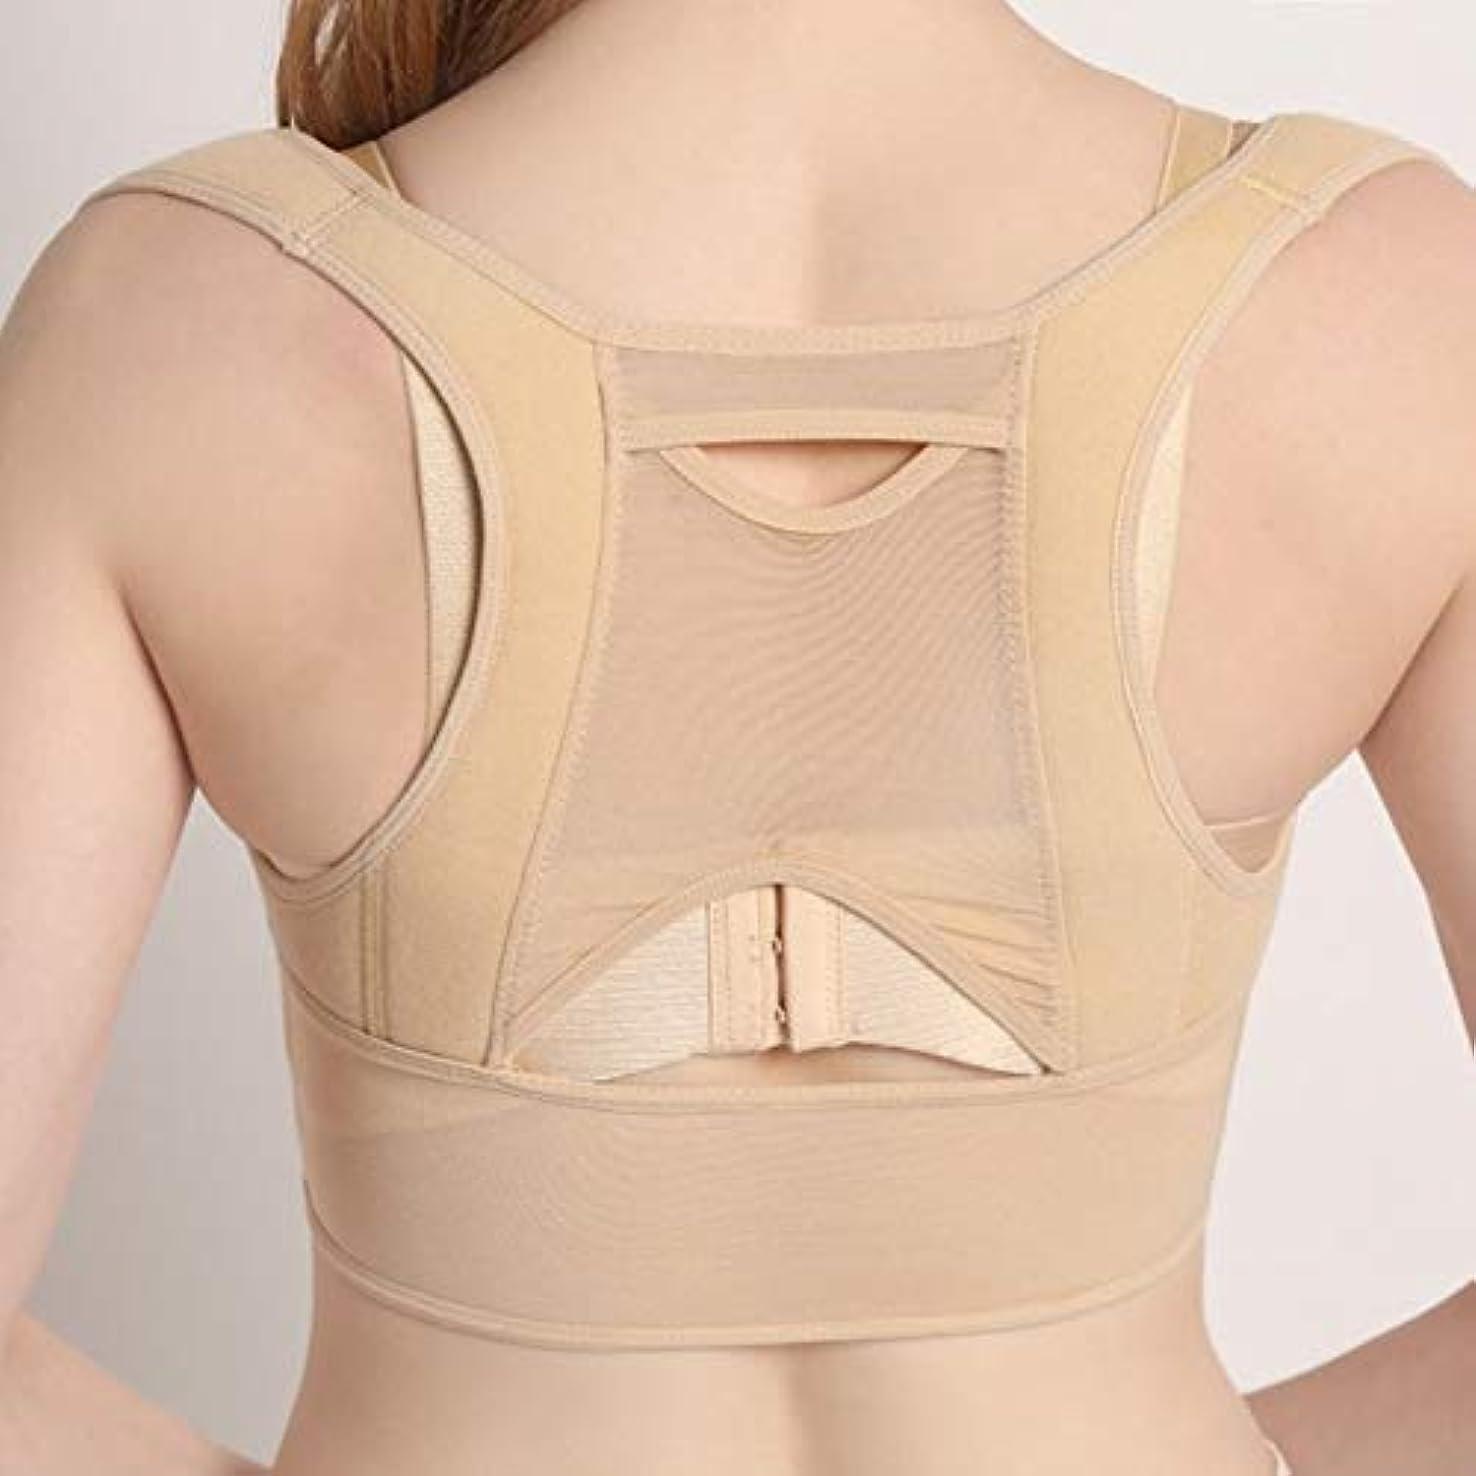 タフ五月ページ通気性のある女性の背中の姿勢矯正コルセット整形外科の背中の肩の背骨の姿勢矯正腰椎サポート - ベージュホワイトL